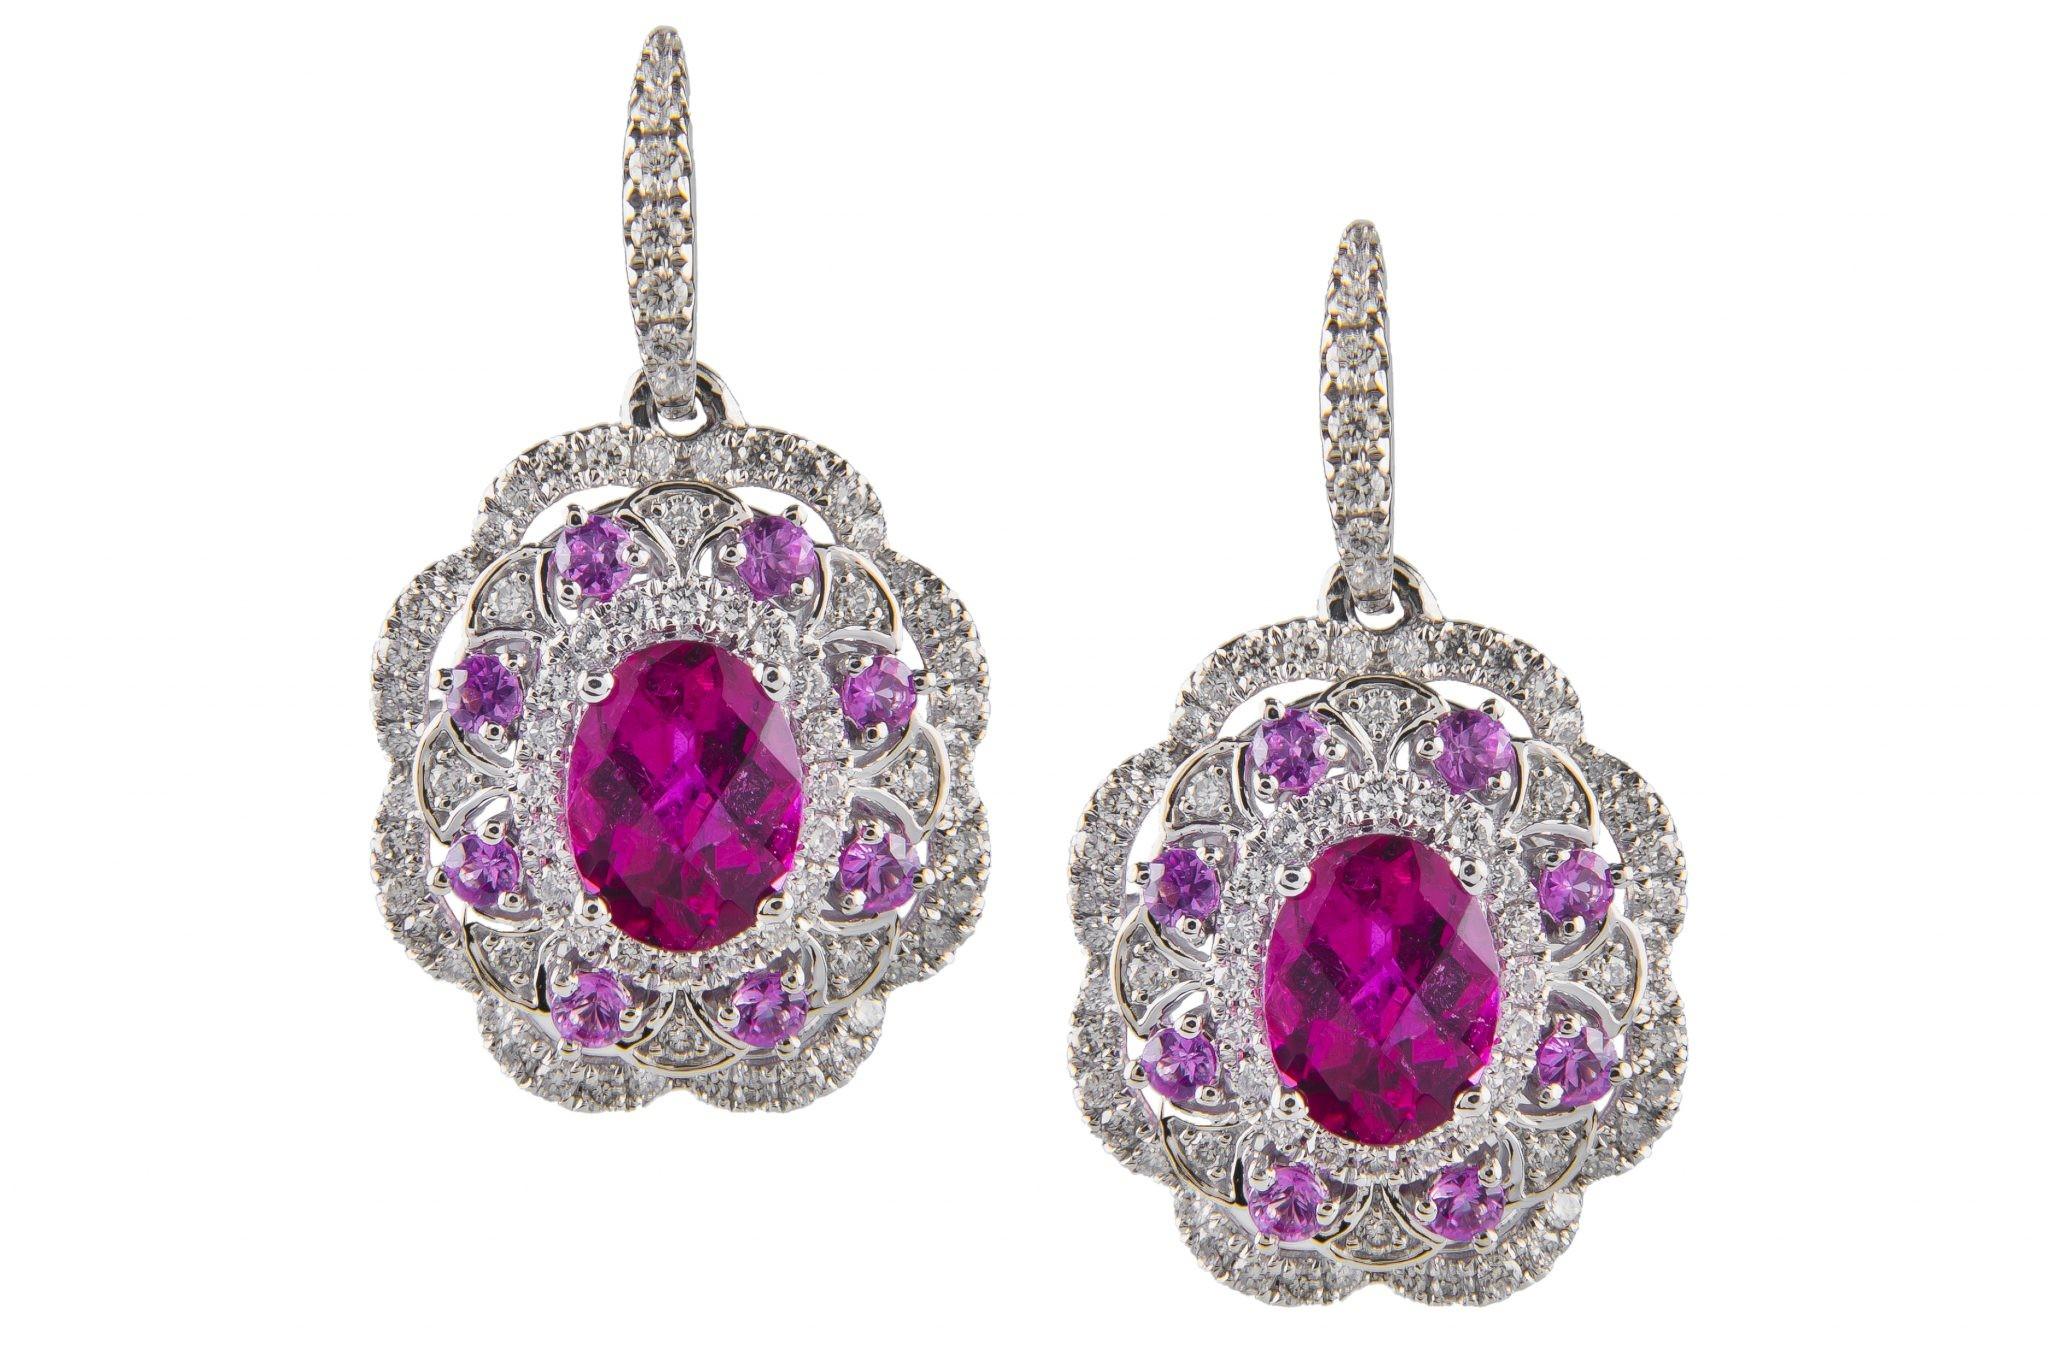 Charles Krypell earrings